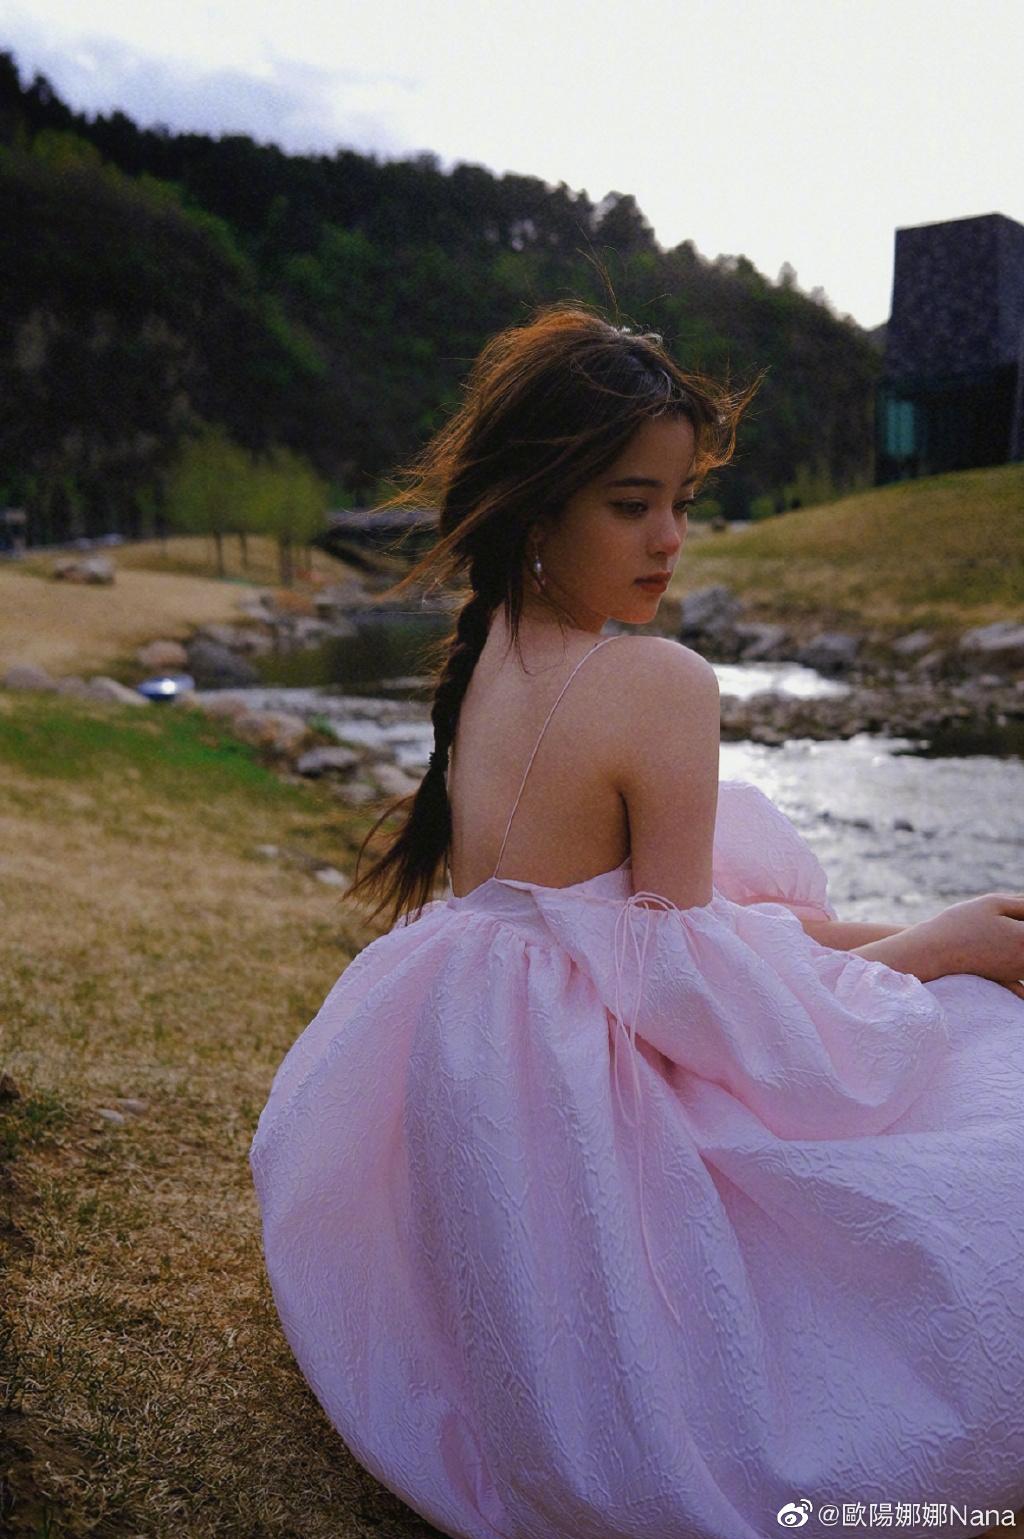 欧阳娜娜21岁生日写真曝光 甜美纯净宛如小仙女